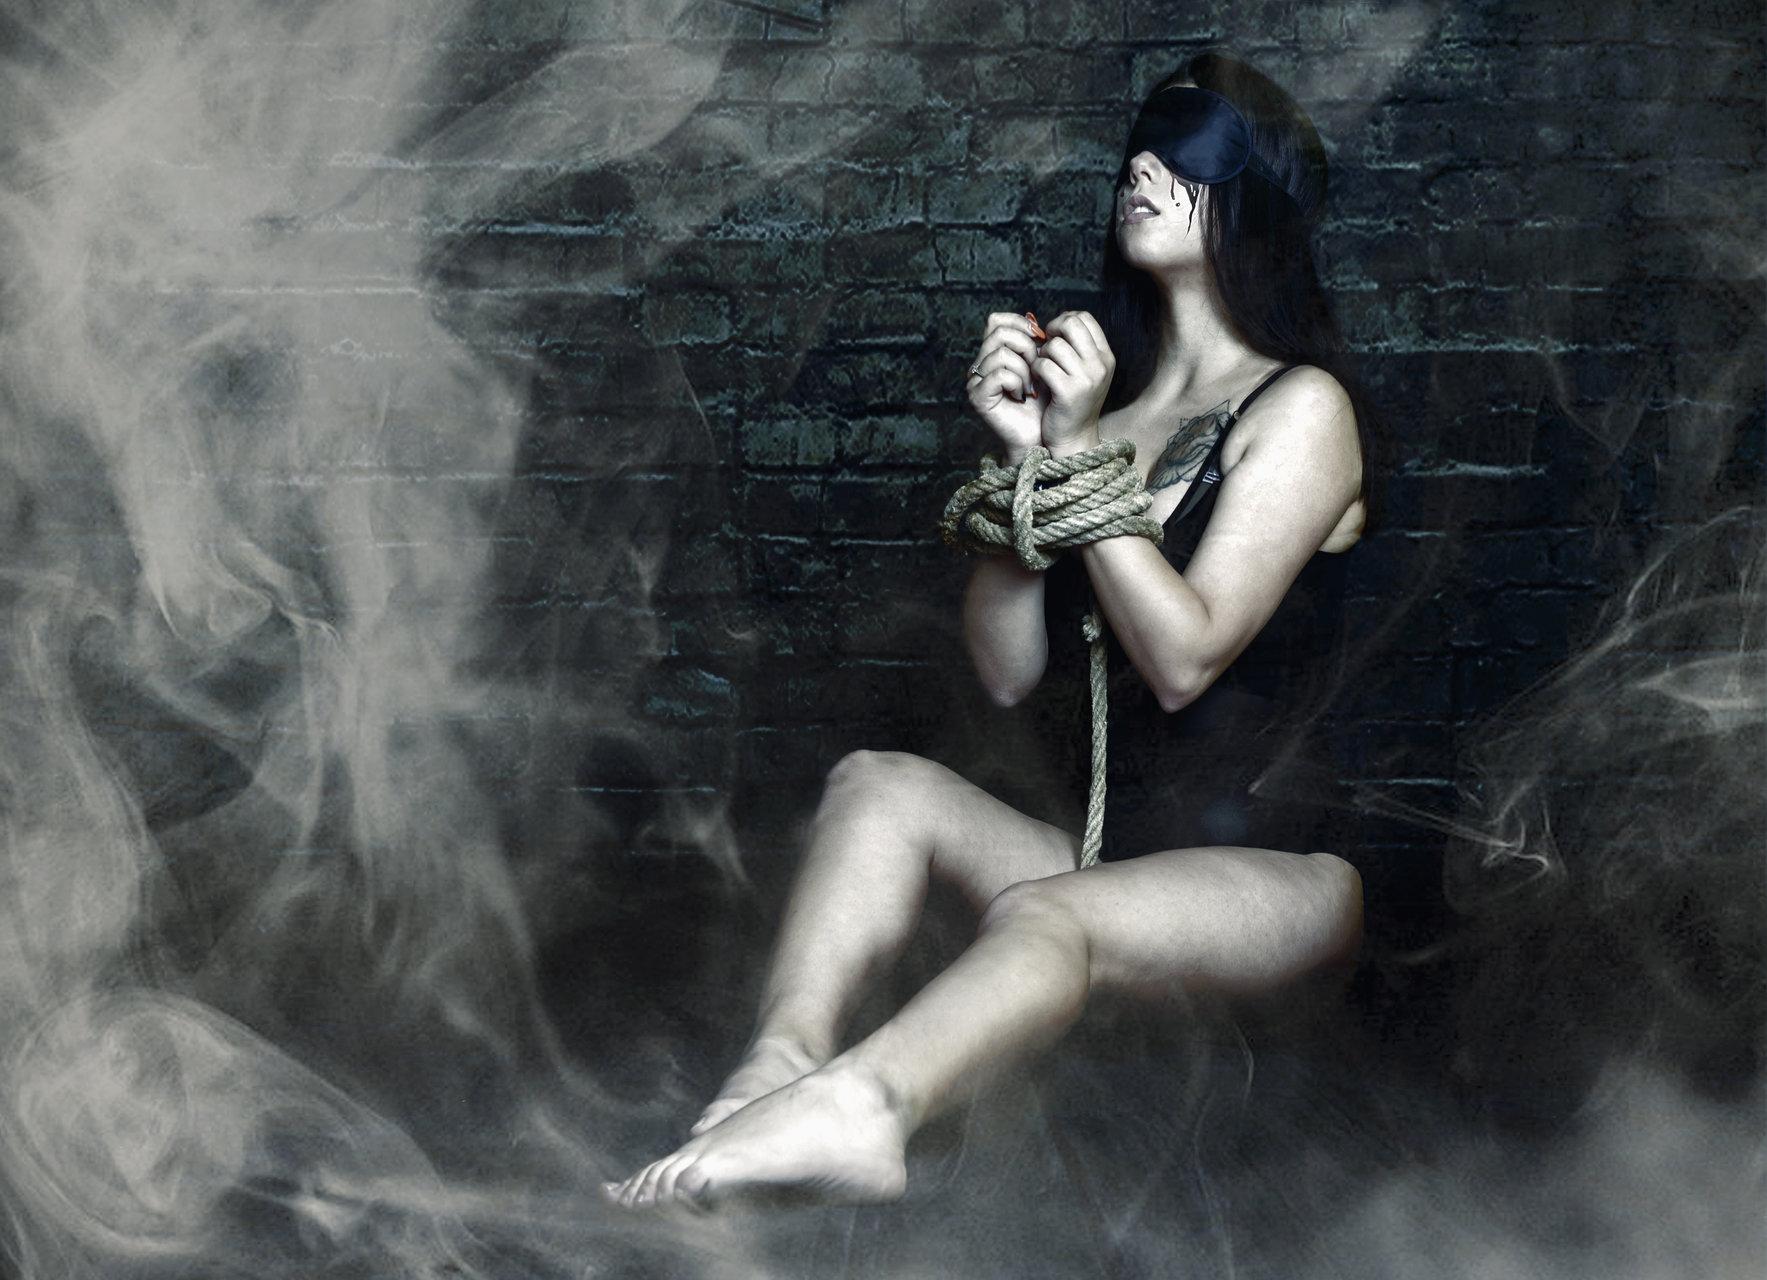 Заключена в кошмар | Author Dechko89 | PHOTO FORUM